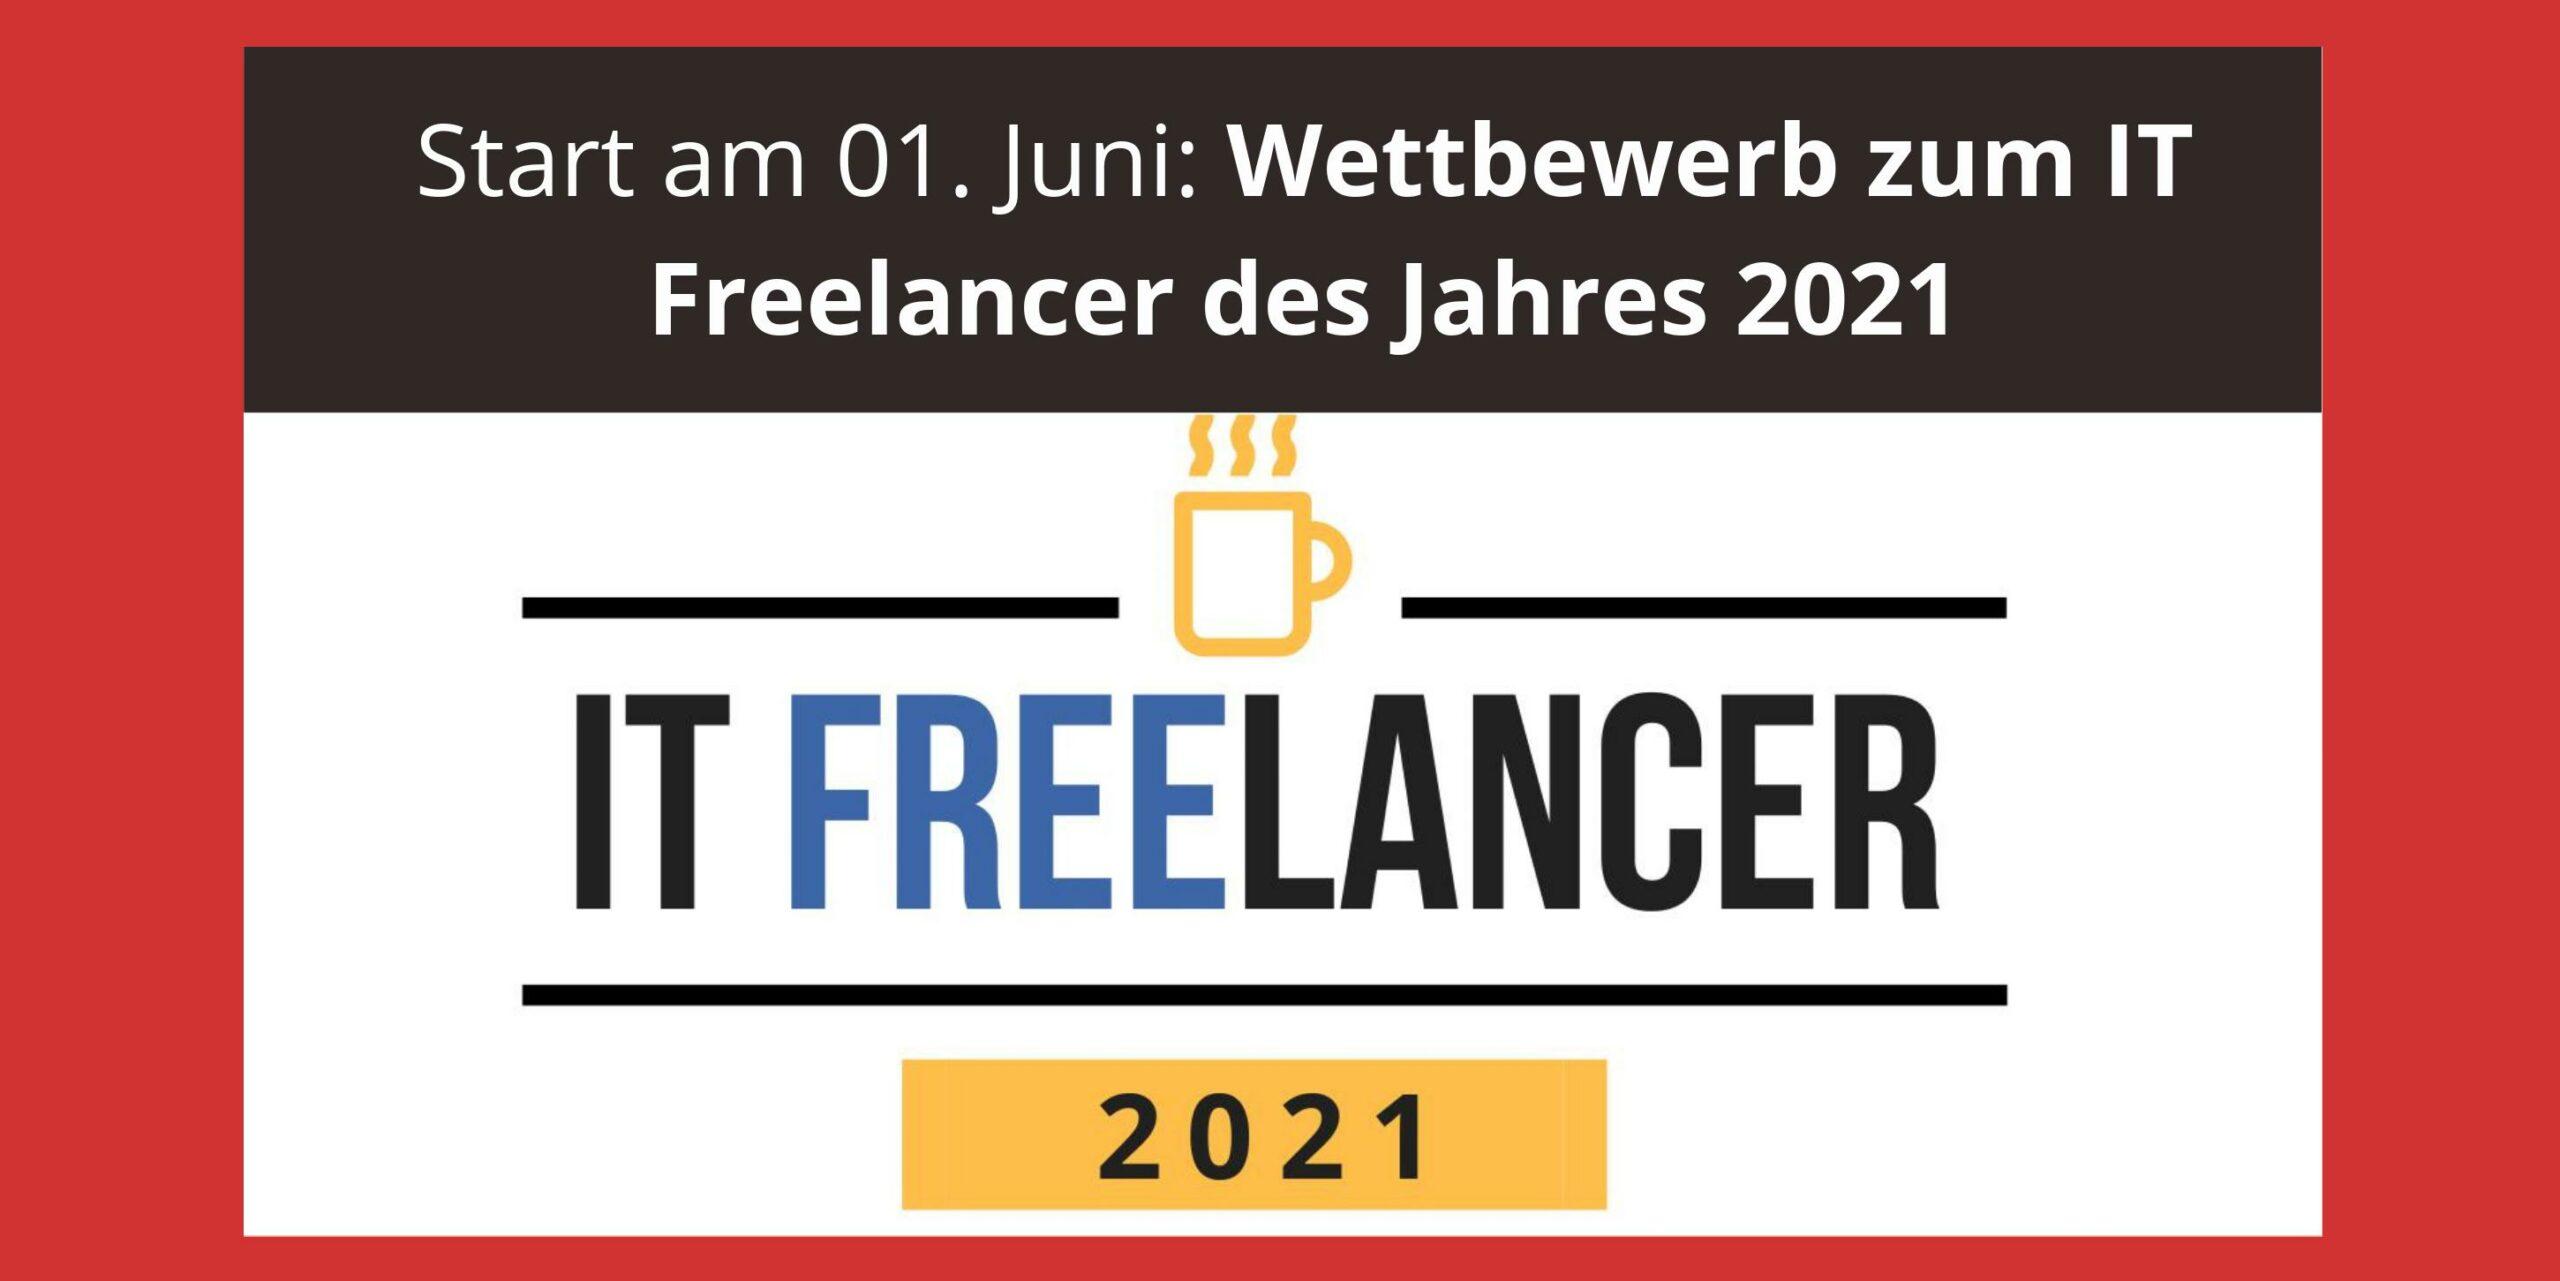 Wettbewerb zum IT Freelancer des Jahres 2021